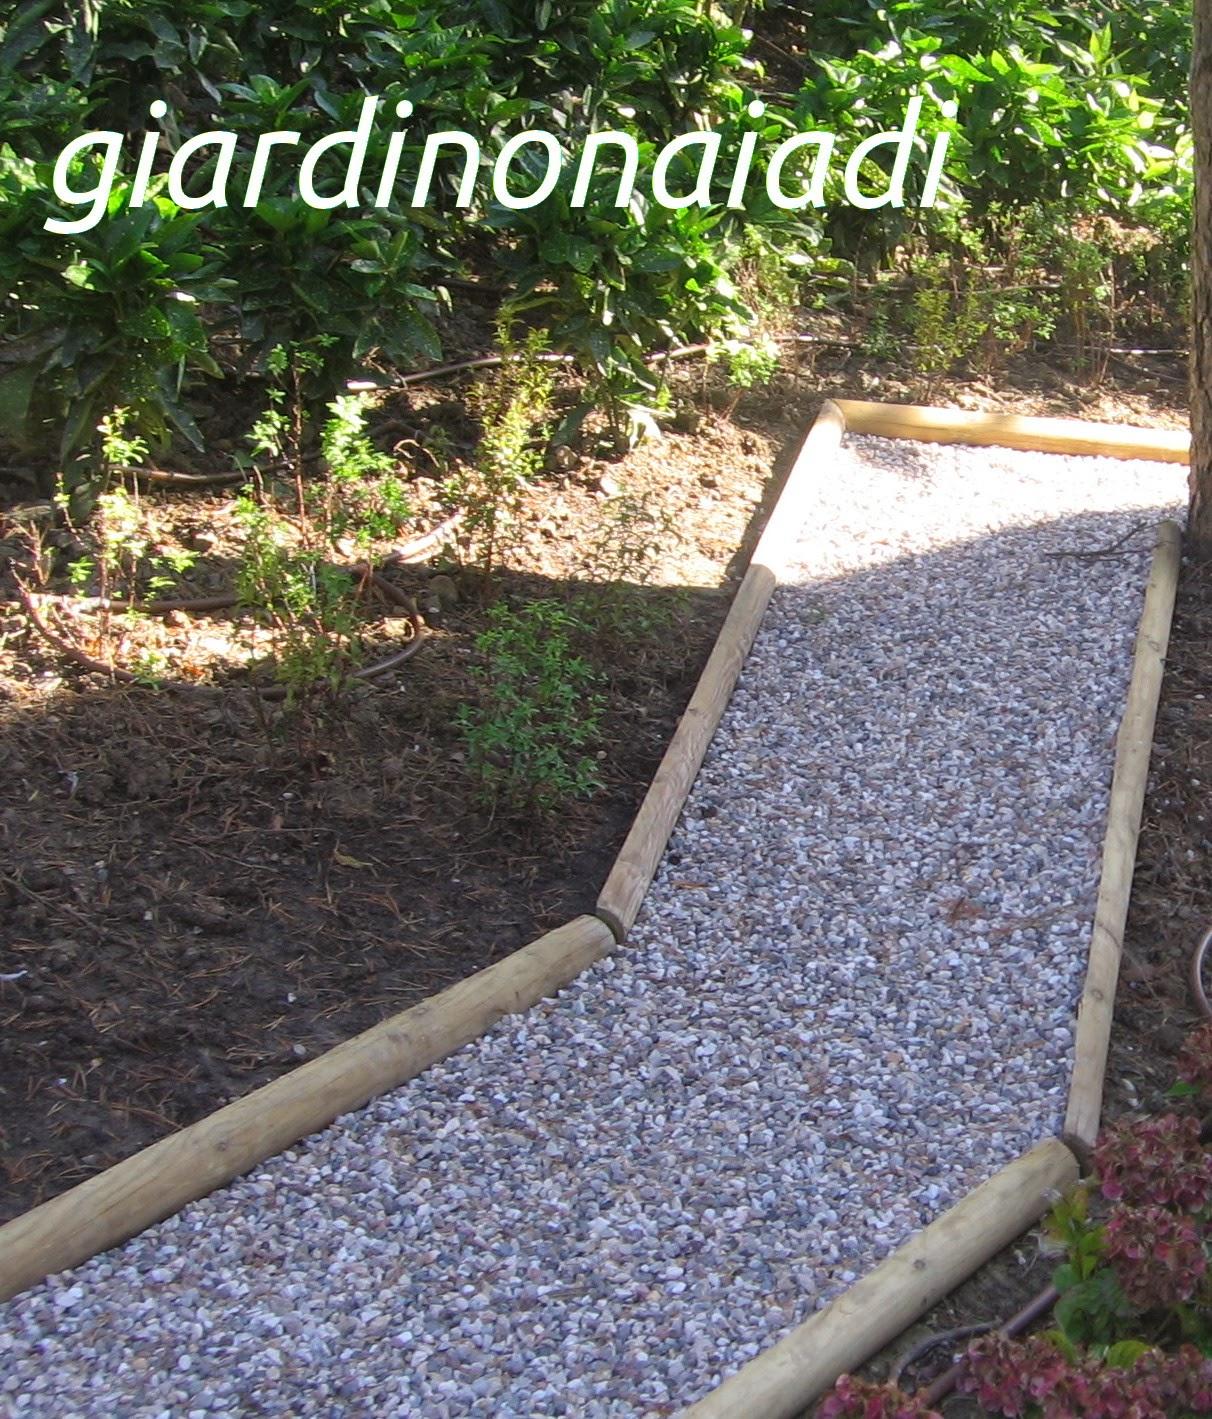 Famoso Il giardino delle Naiadi: DUE PASSI IN GIARDINO seconda parte DM08